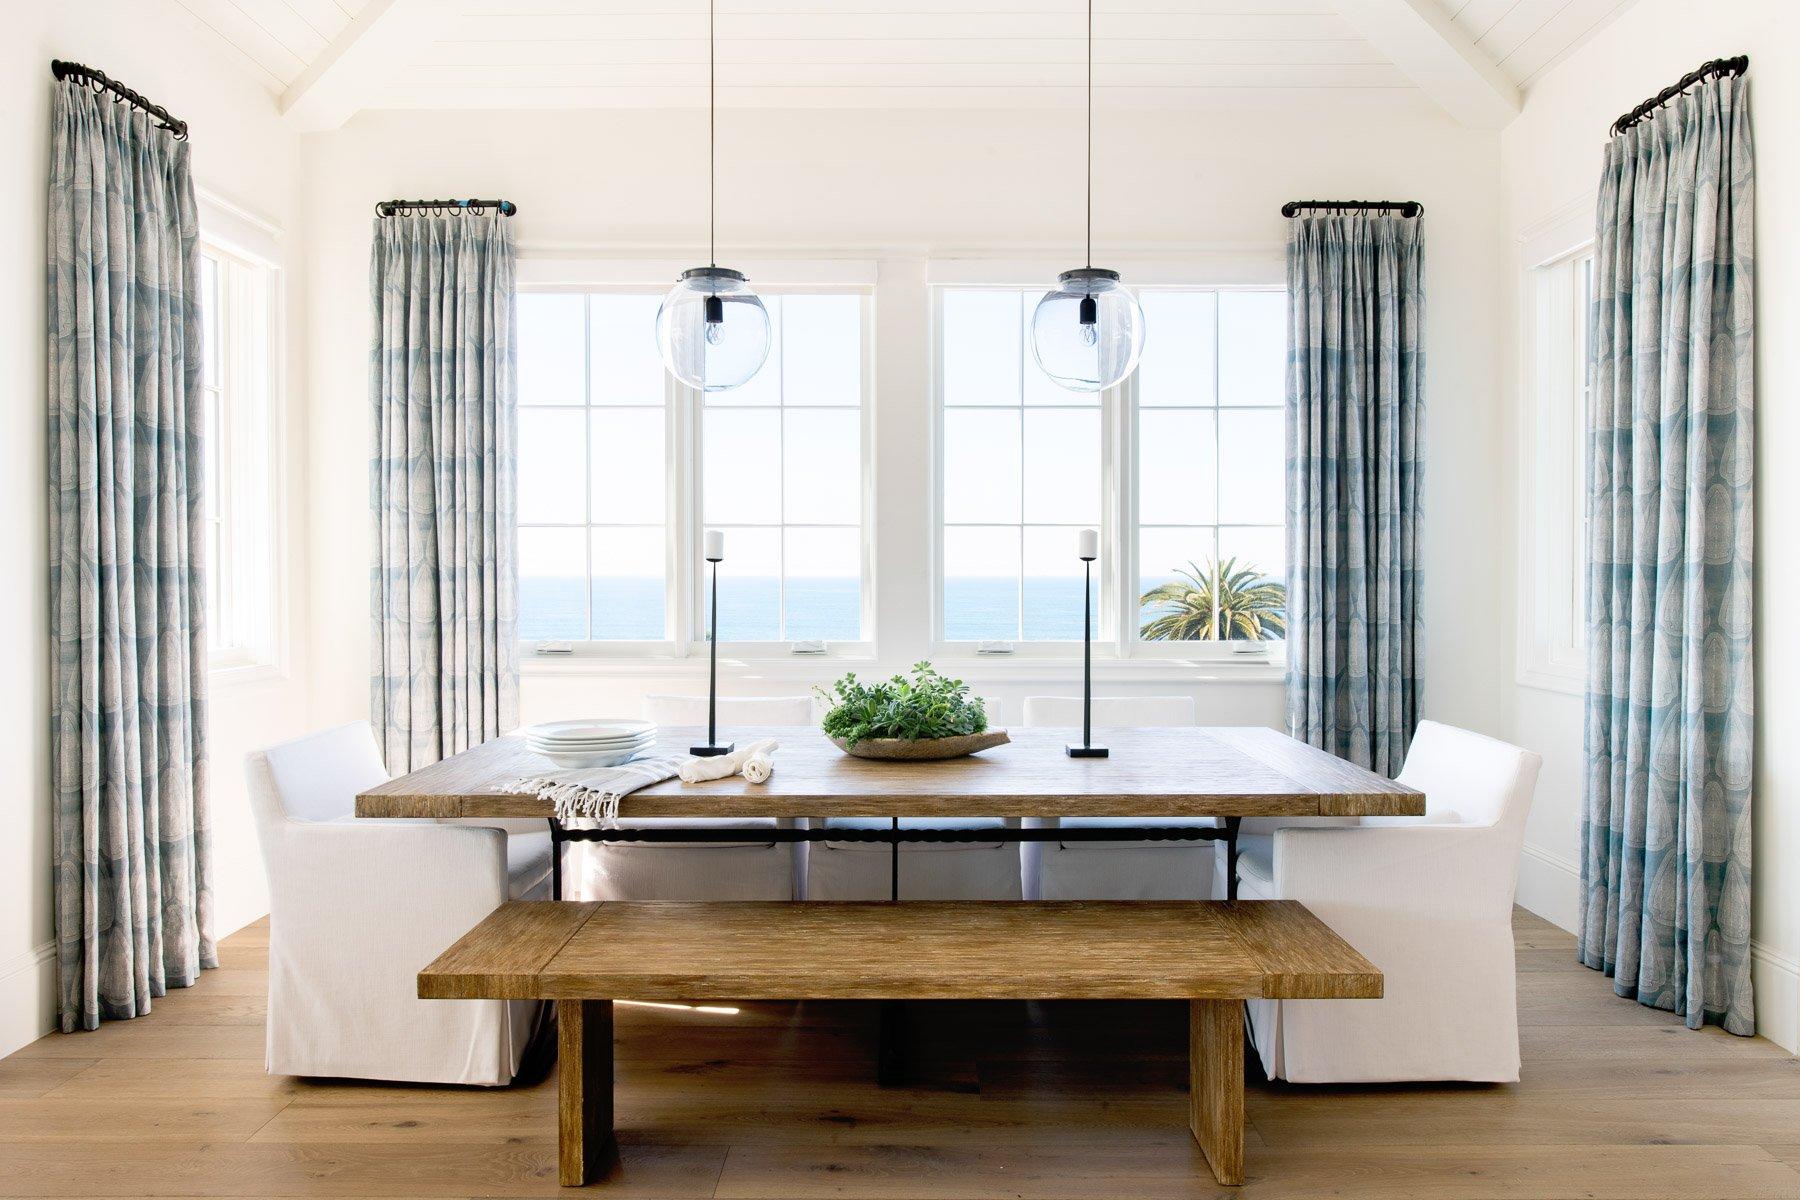 beach design interior kitchen